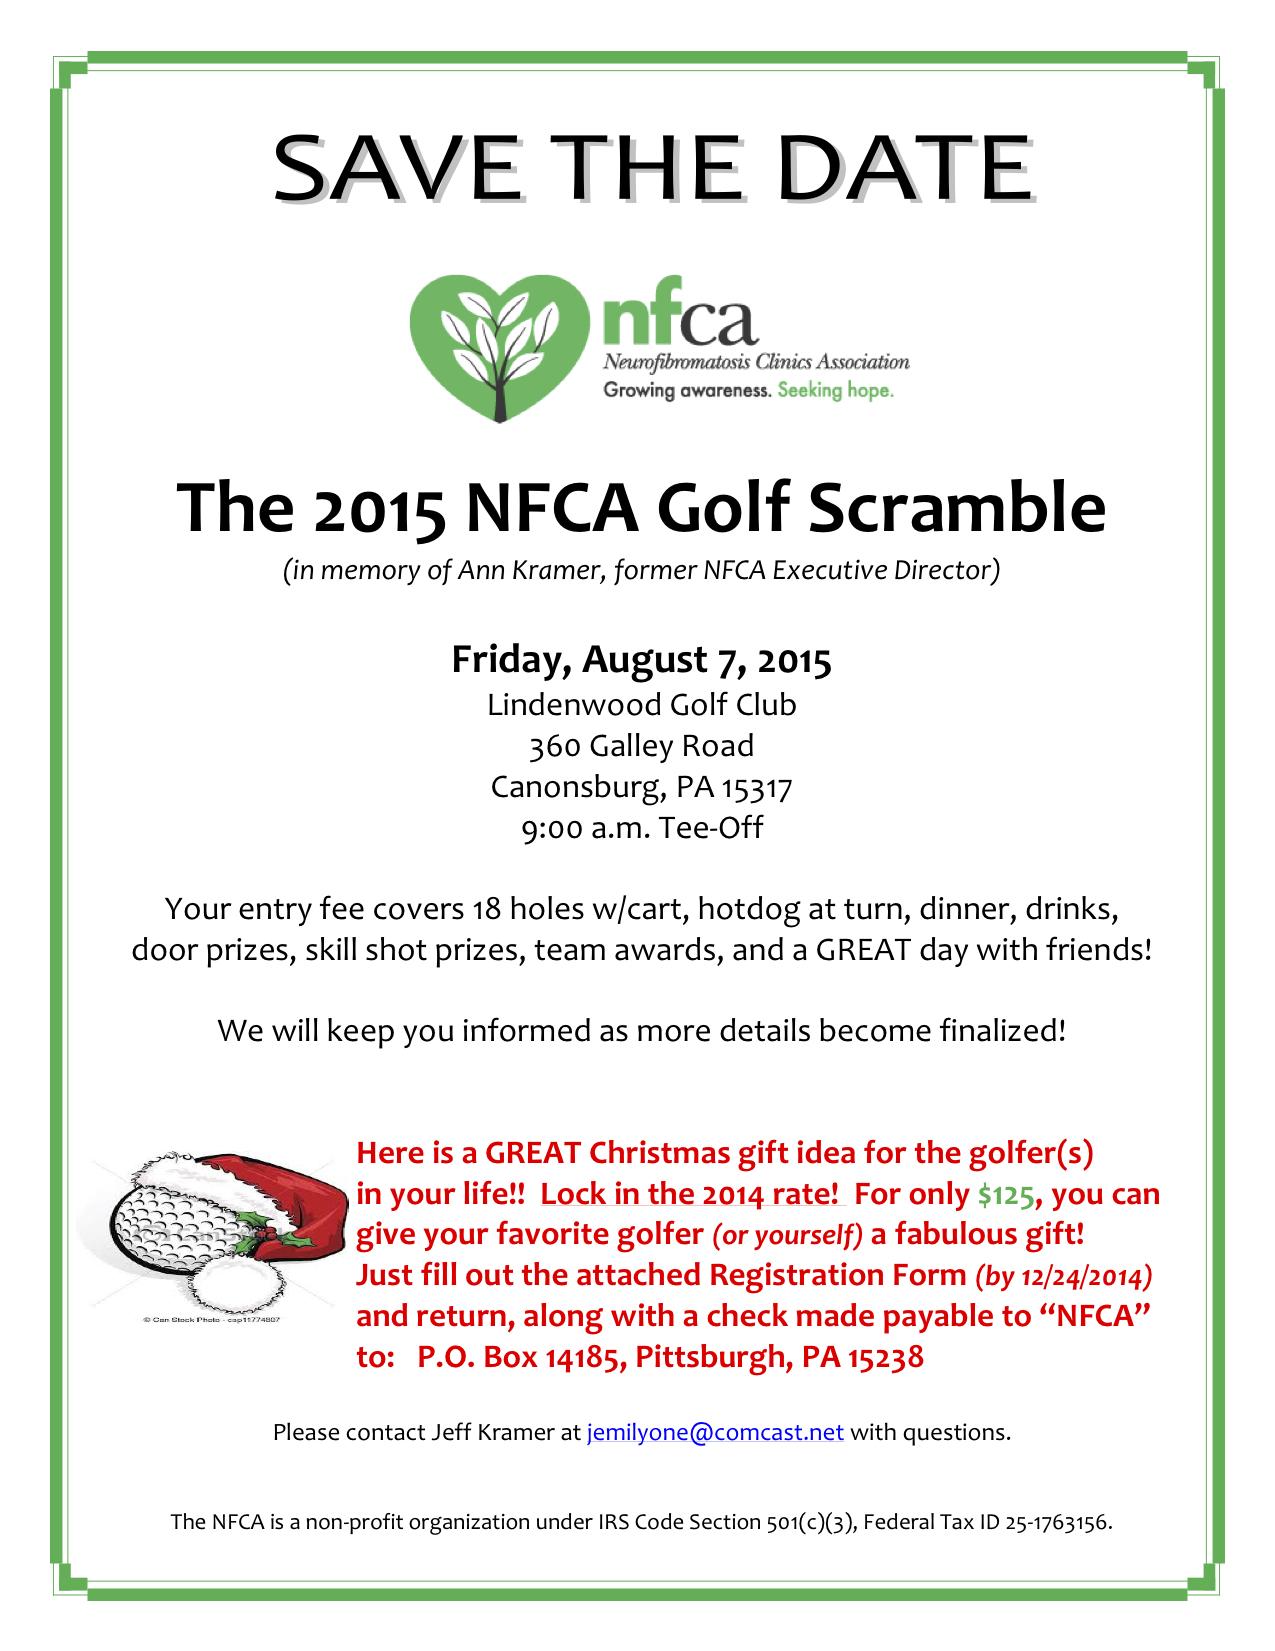 2015 NFCA Golf